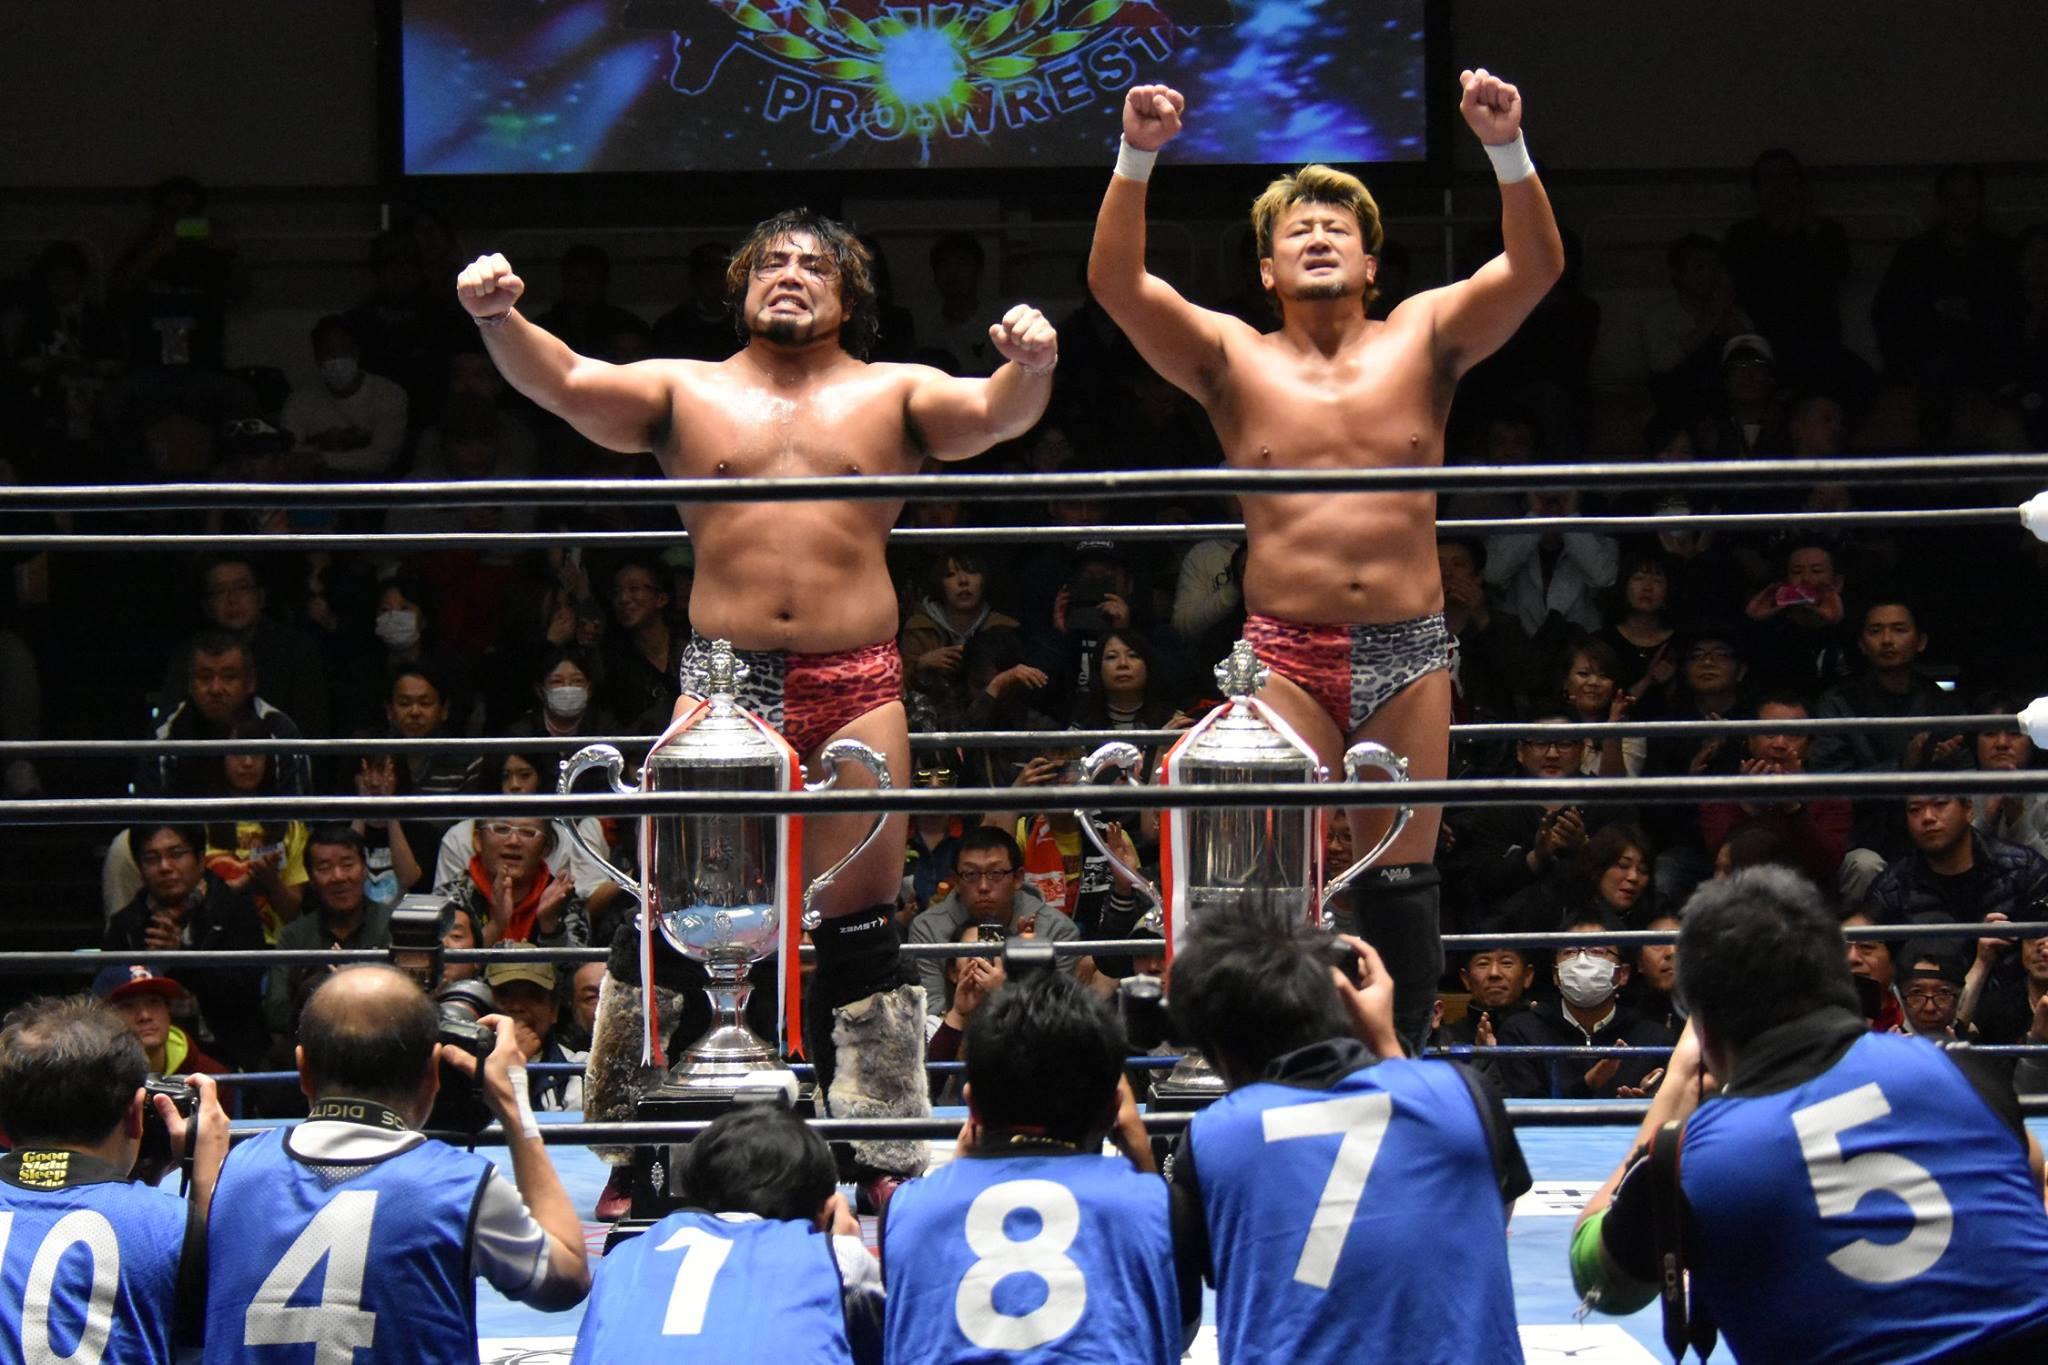 【全日本プロレス】復活GET WILDが最強タッグ4年ぶりV、史上3度目の全勝優勝!